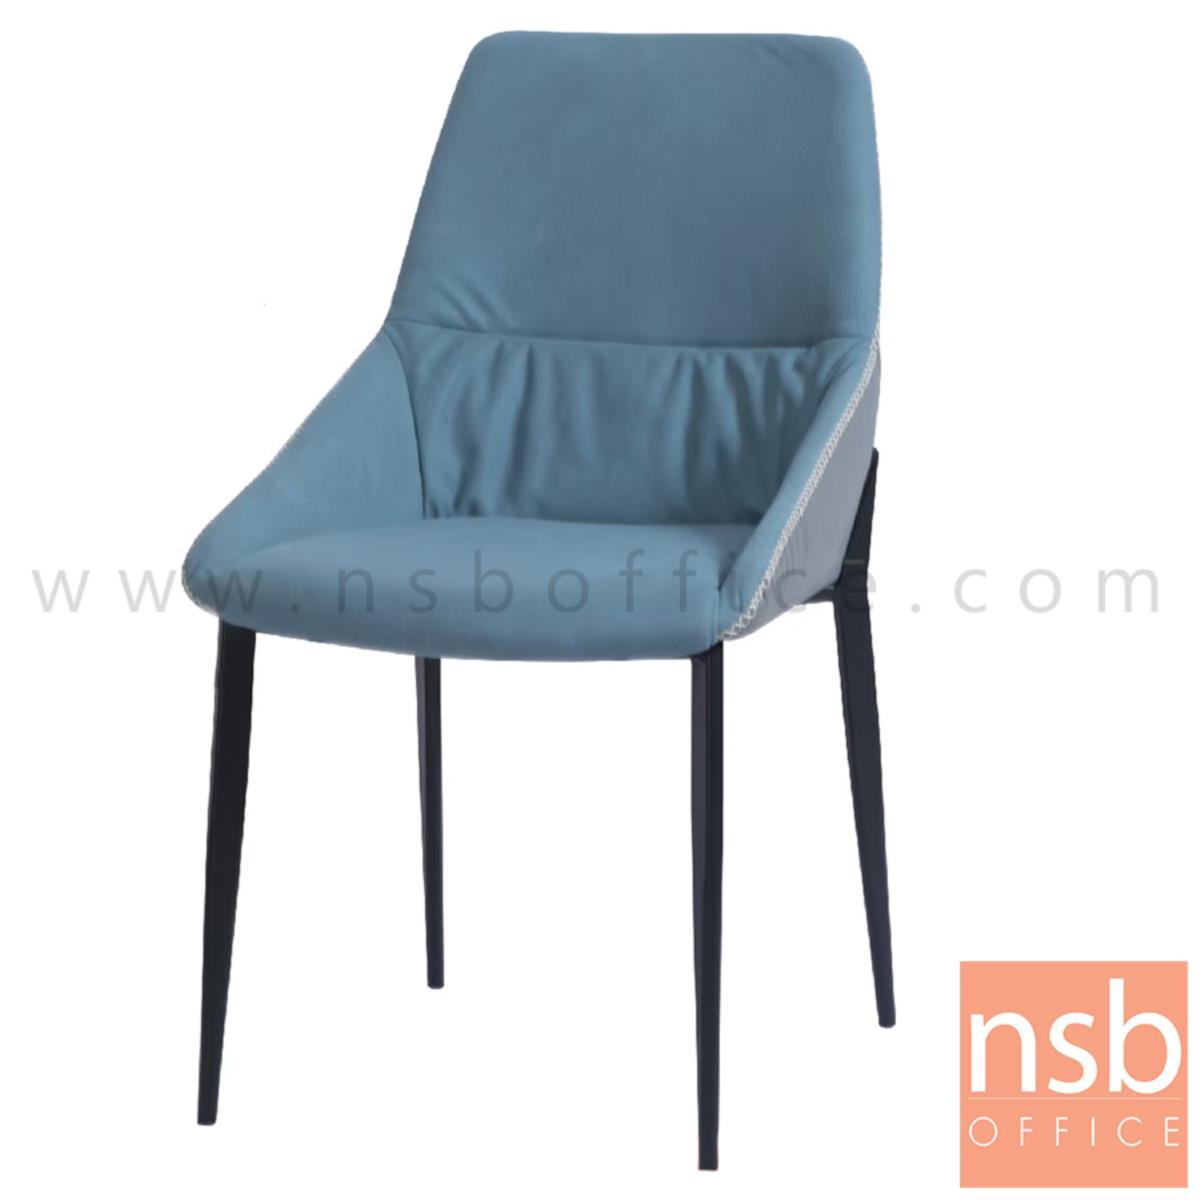 B29A367:เก้าอี้โมเดิร์นหุ้มผ้ากำมะหยี่ รุ่น Keanu (คีอานู)  ขาเหล็ก